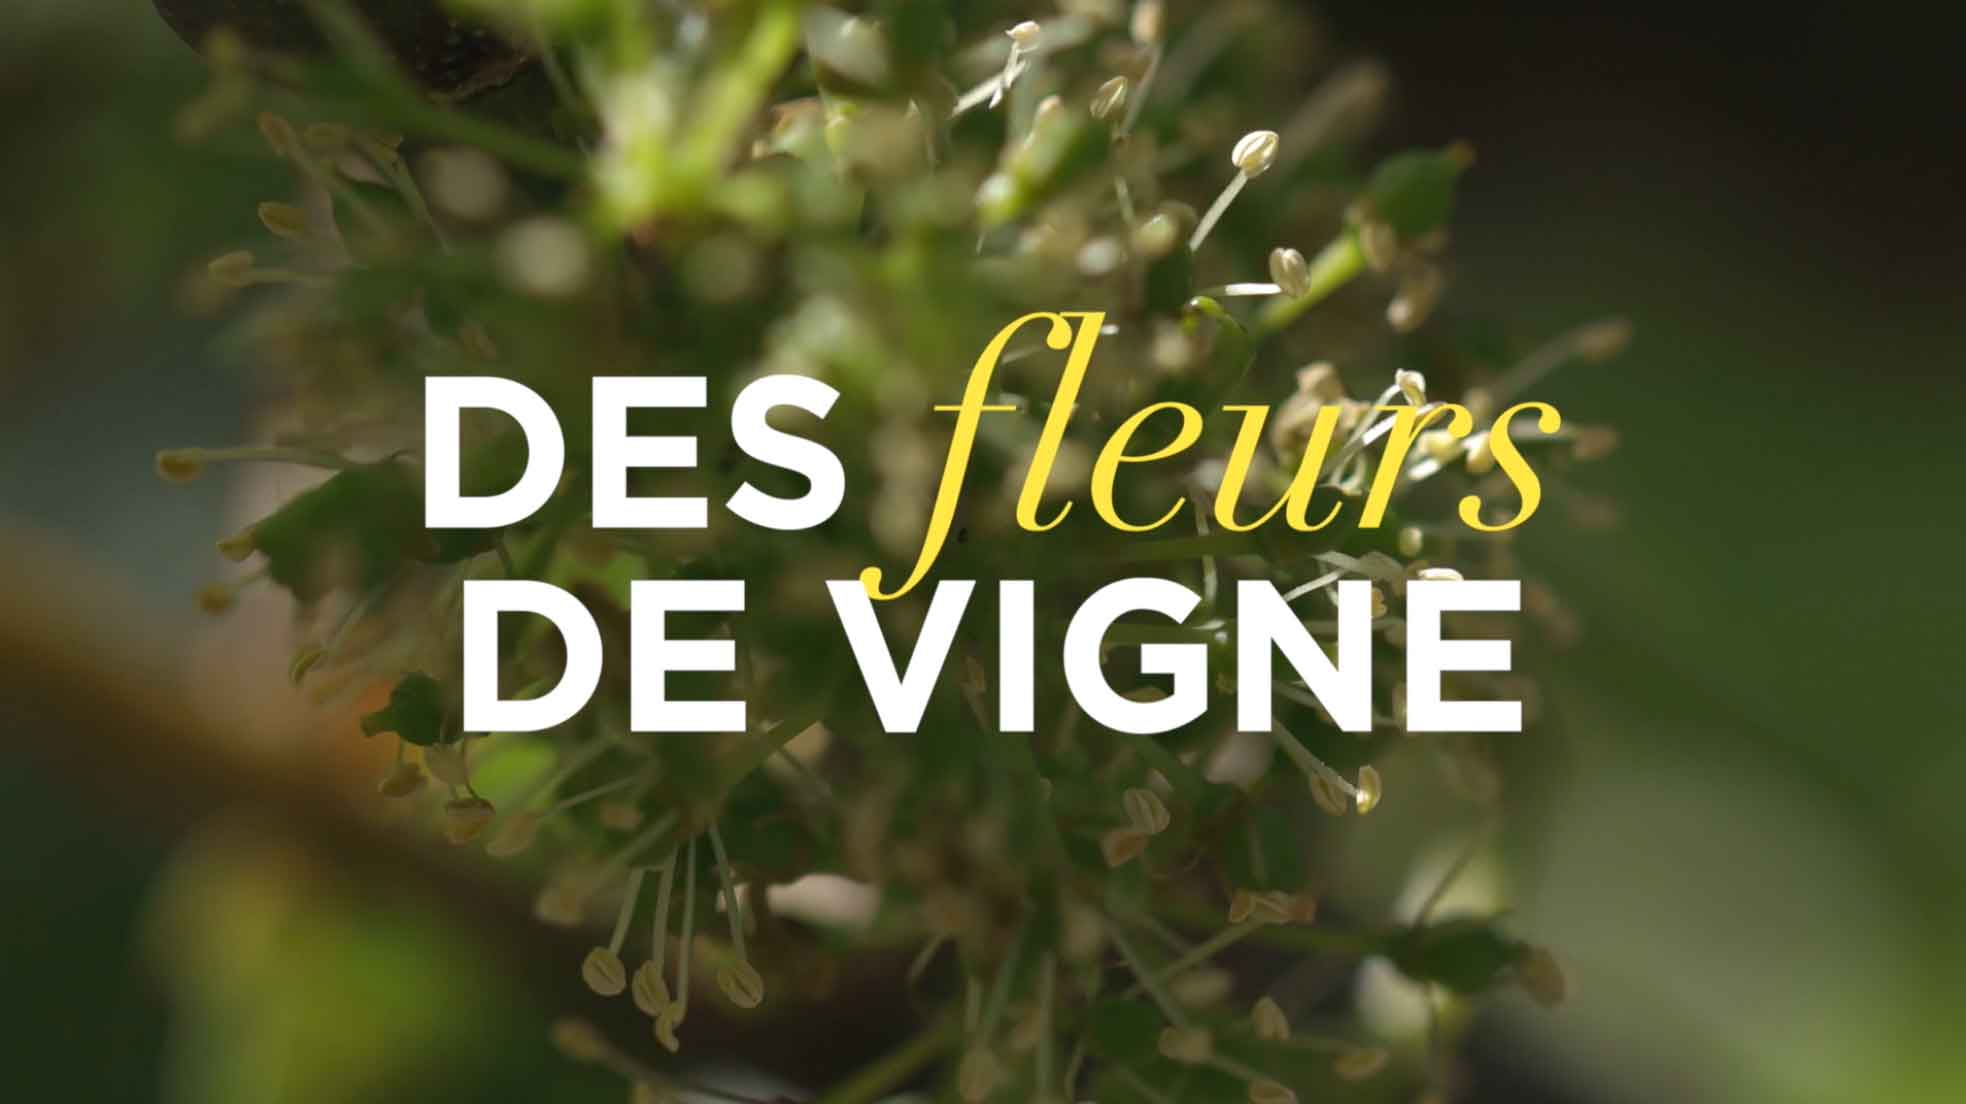 La fleur de vigne en Champagne par Nicolas Feuilllatte - Réalisation Agence Discovery